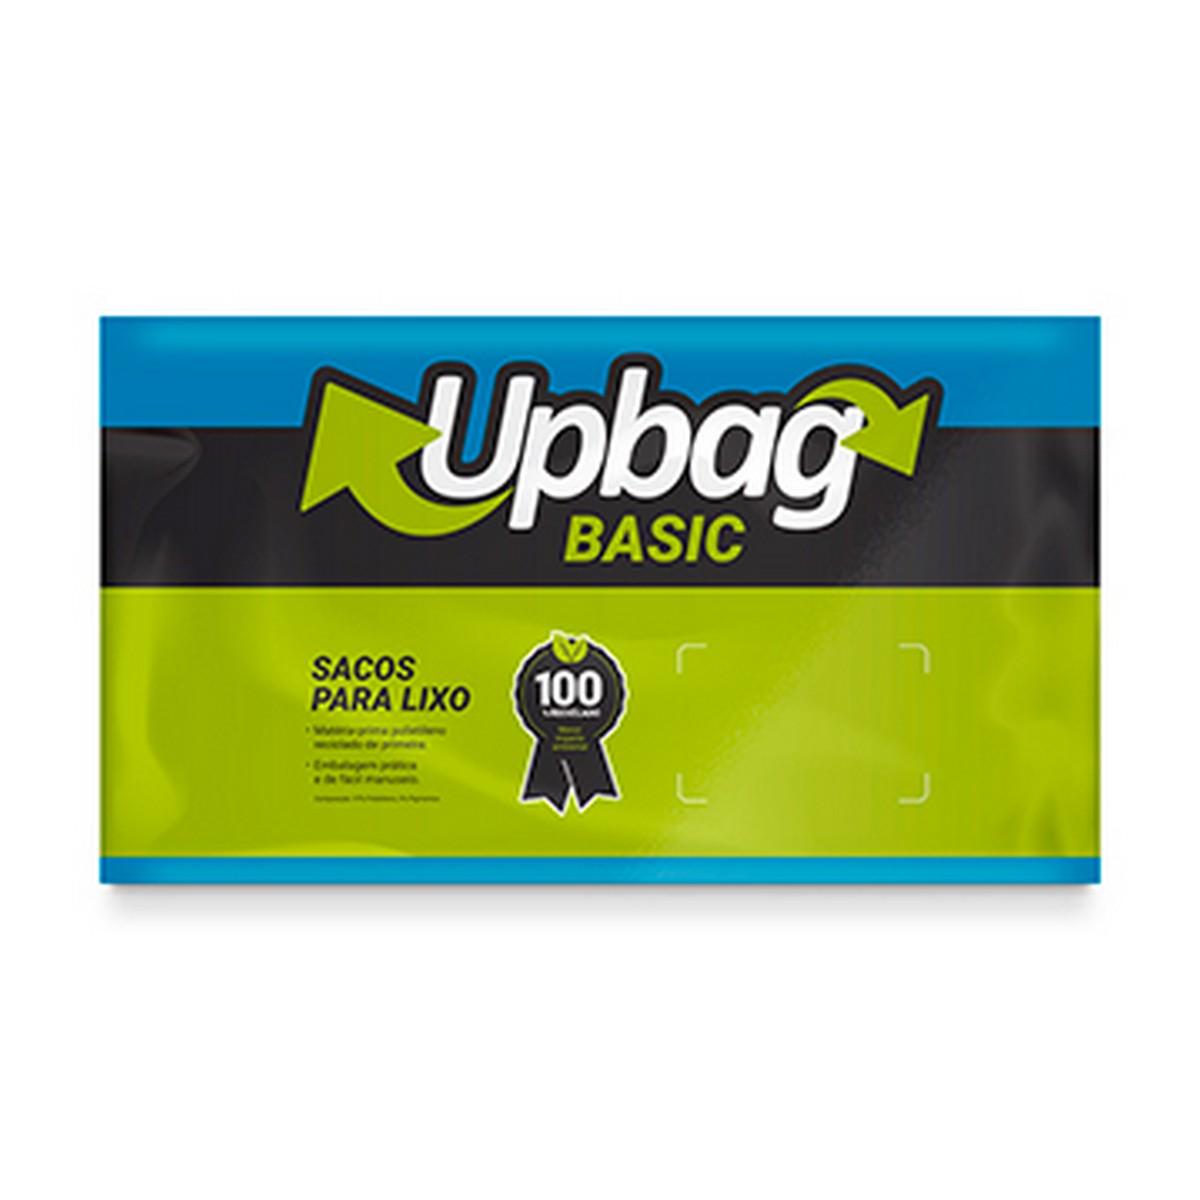 Distribuidora de sacos para lixo